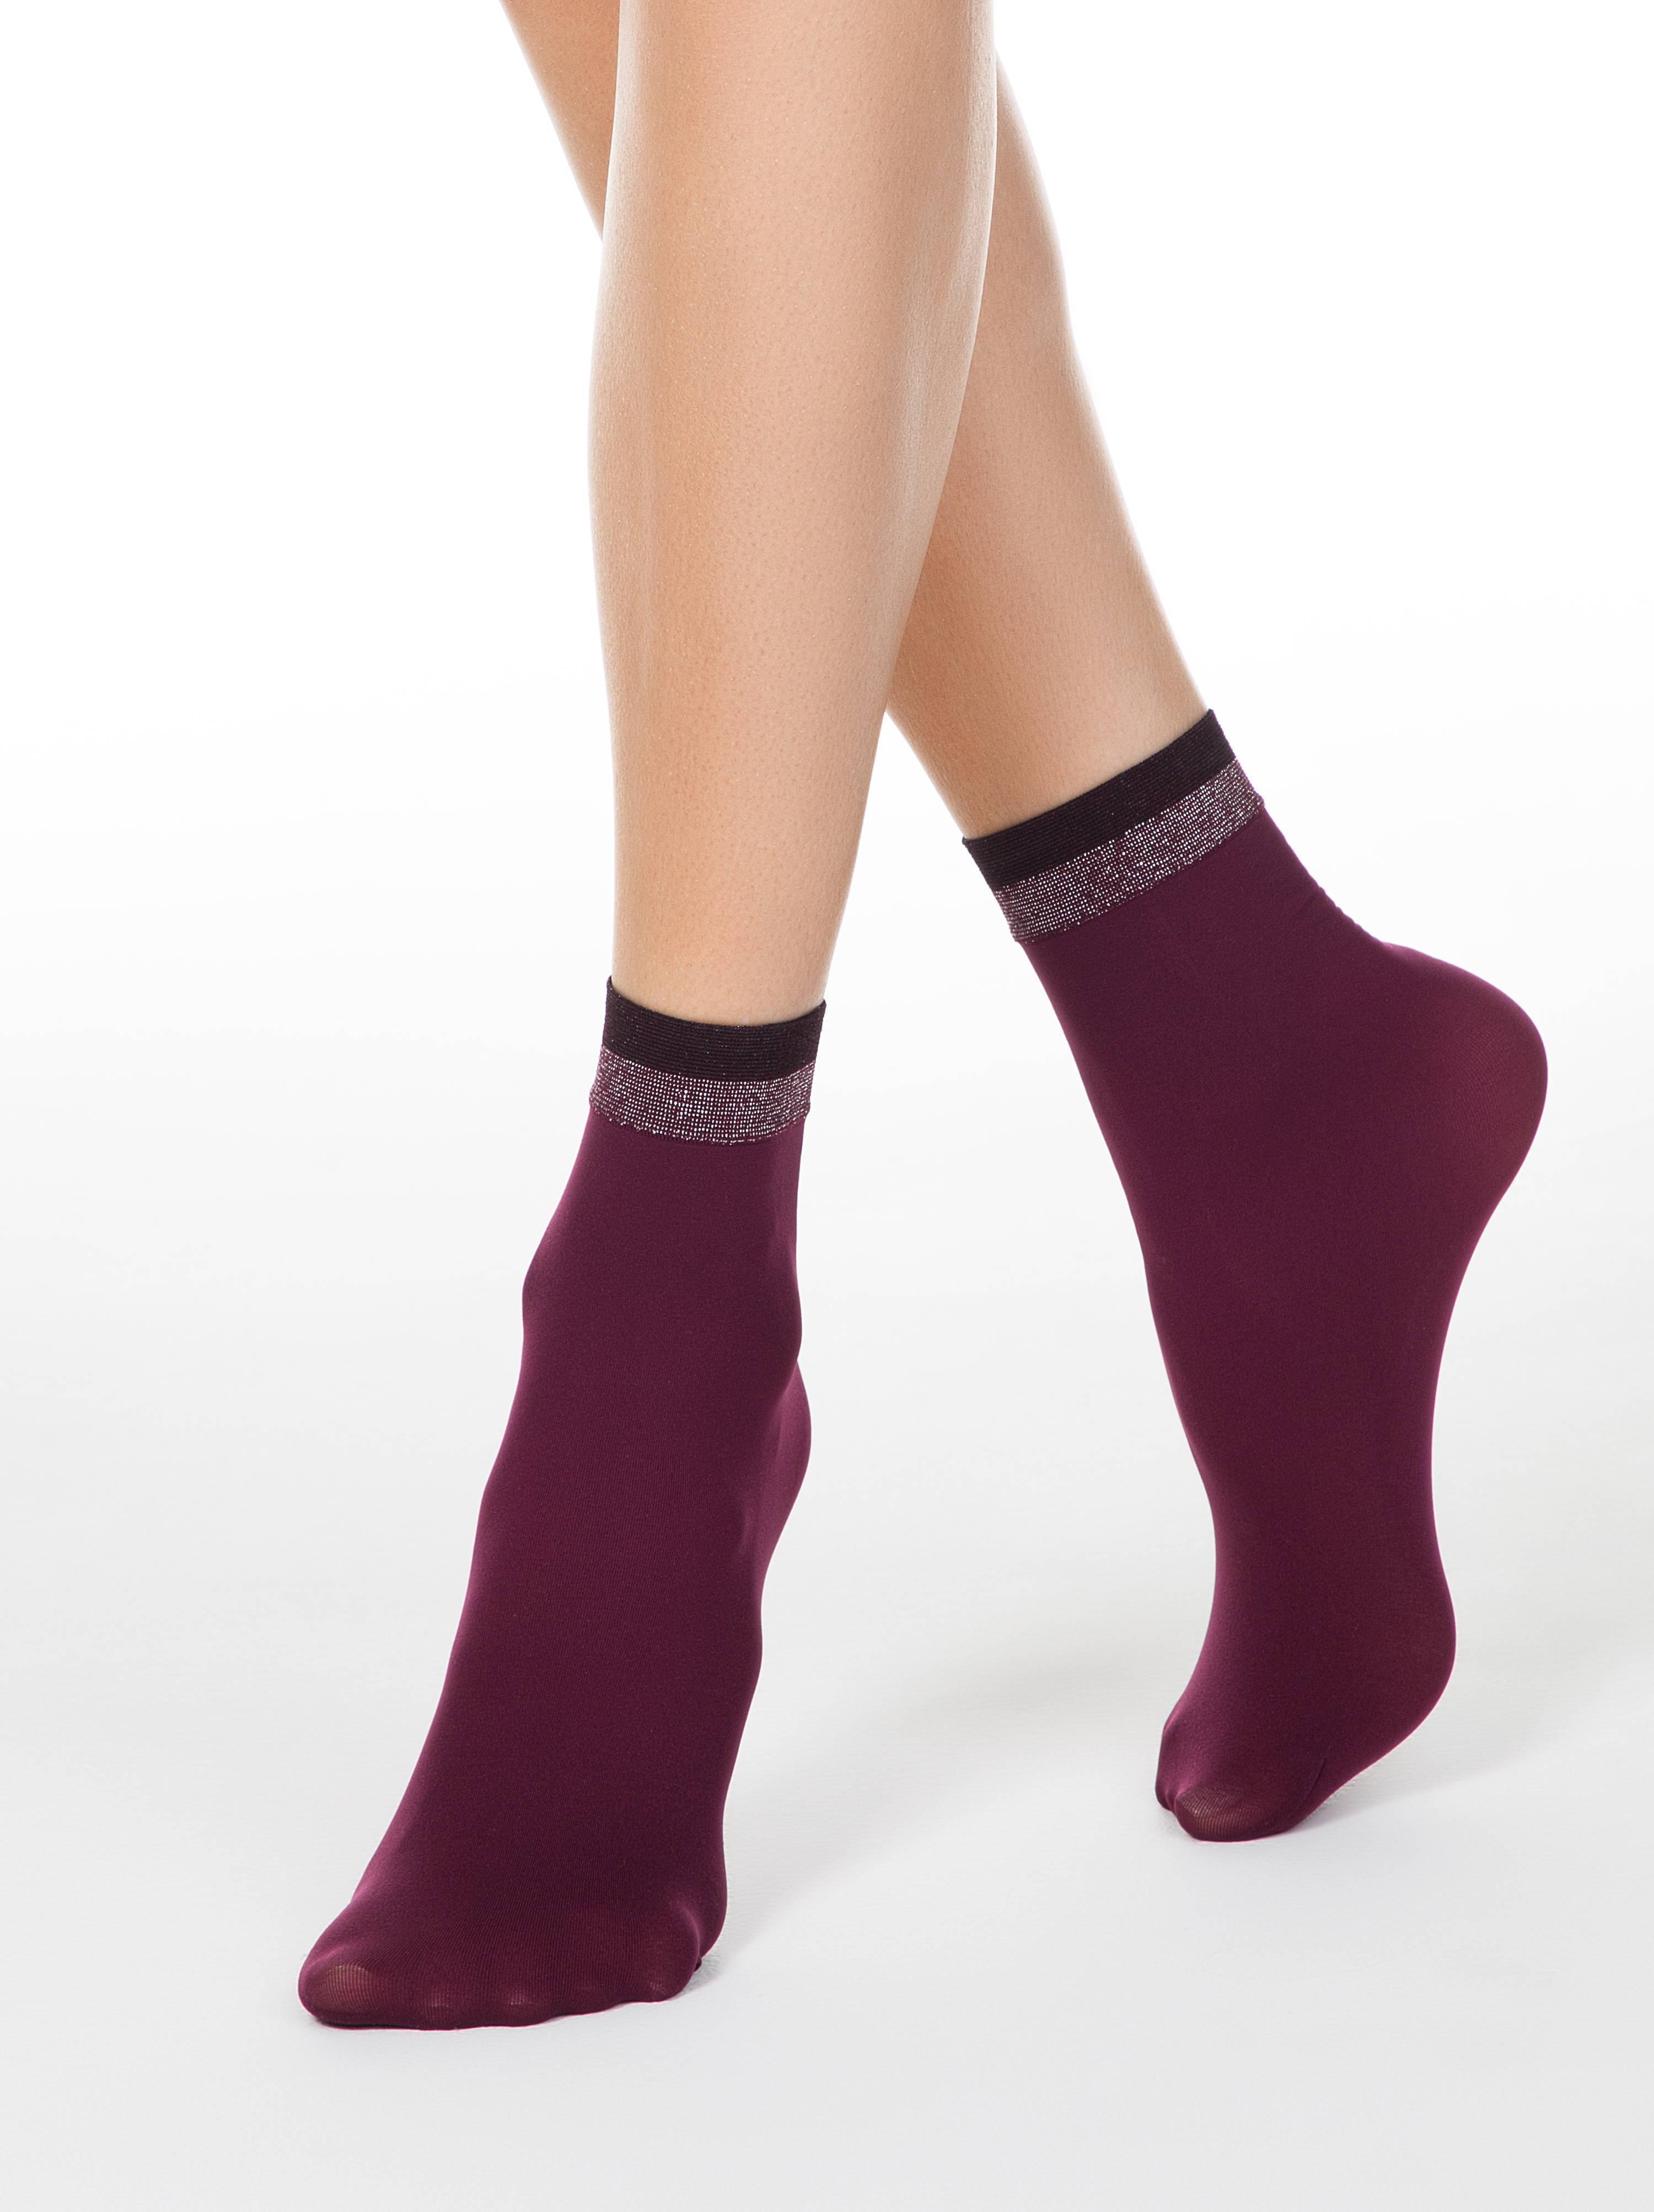 Носки FANTASY с сияющим бортиком из двухцветного люрекса фото